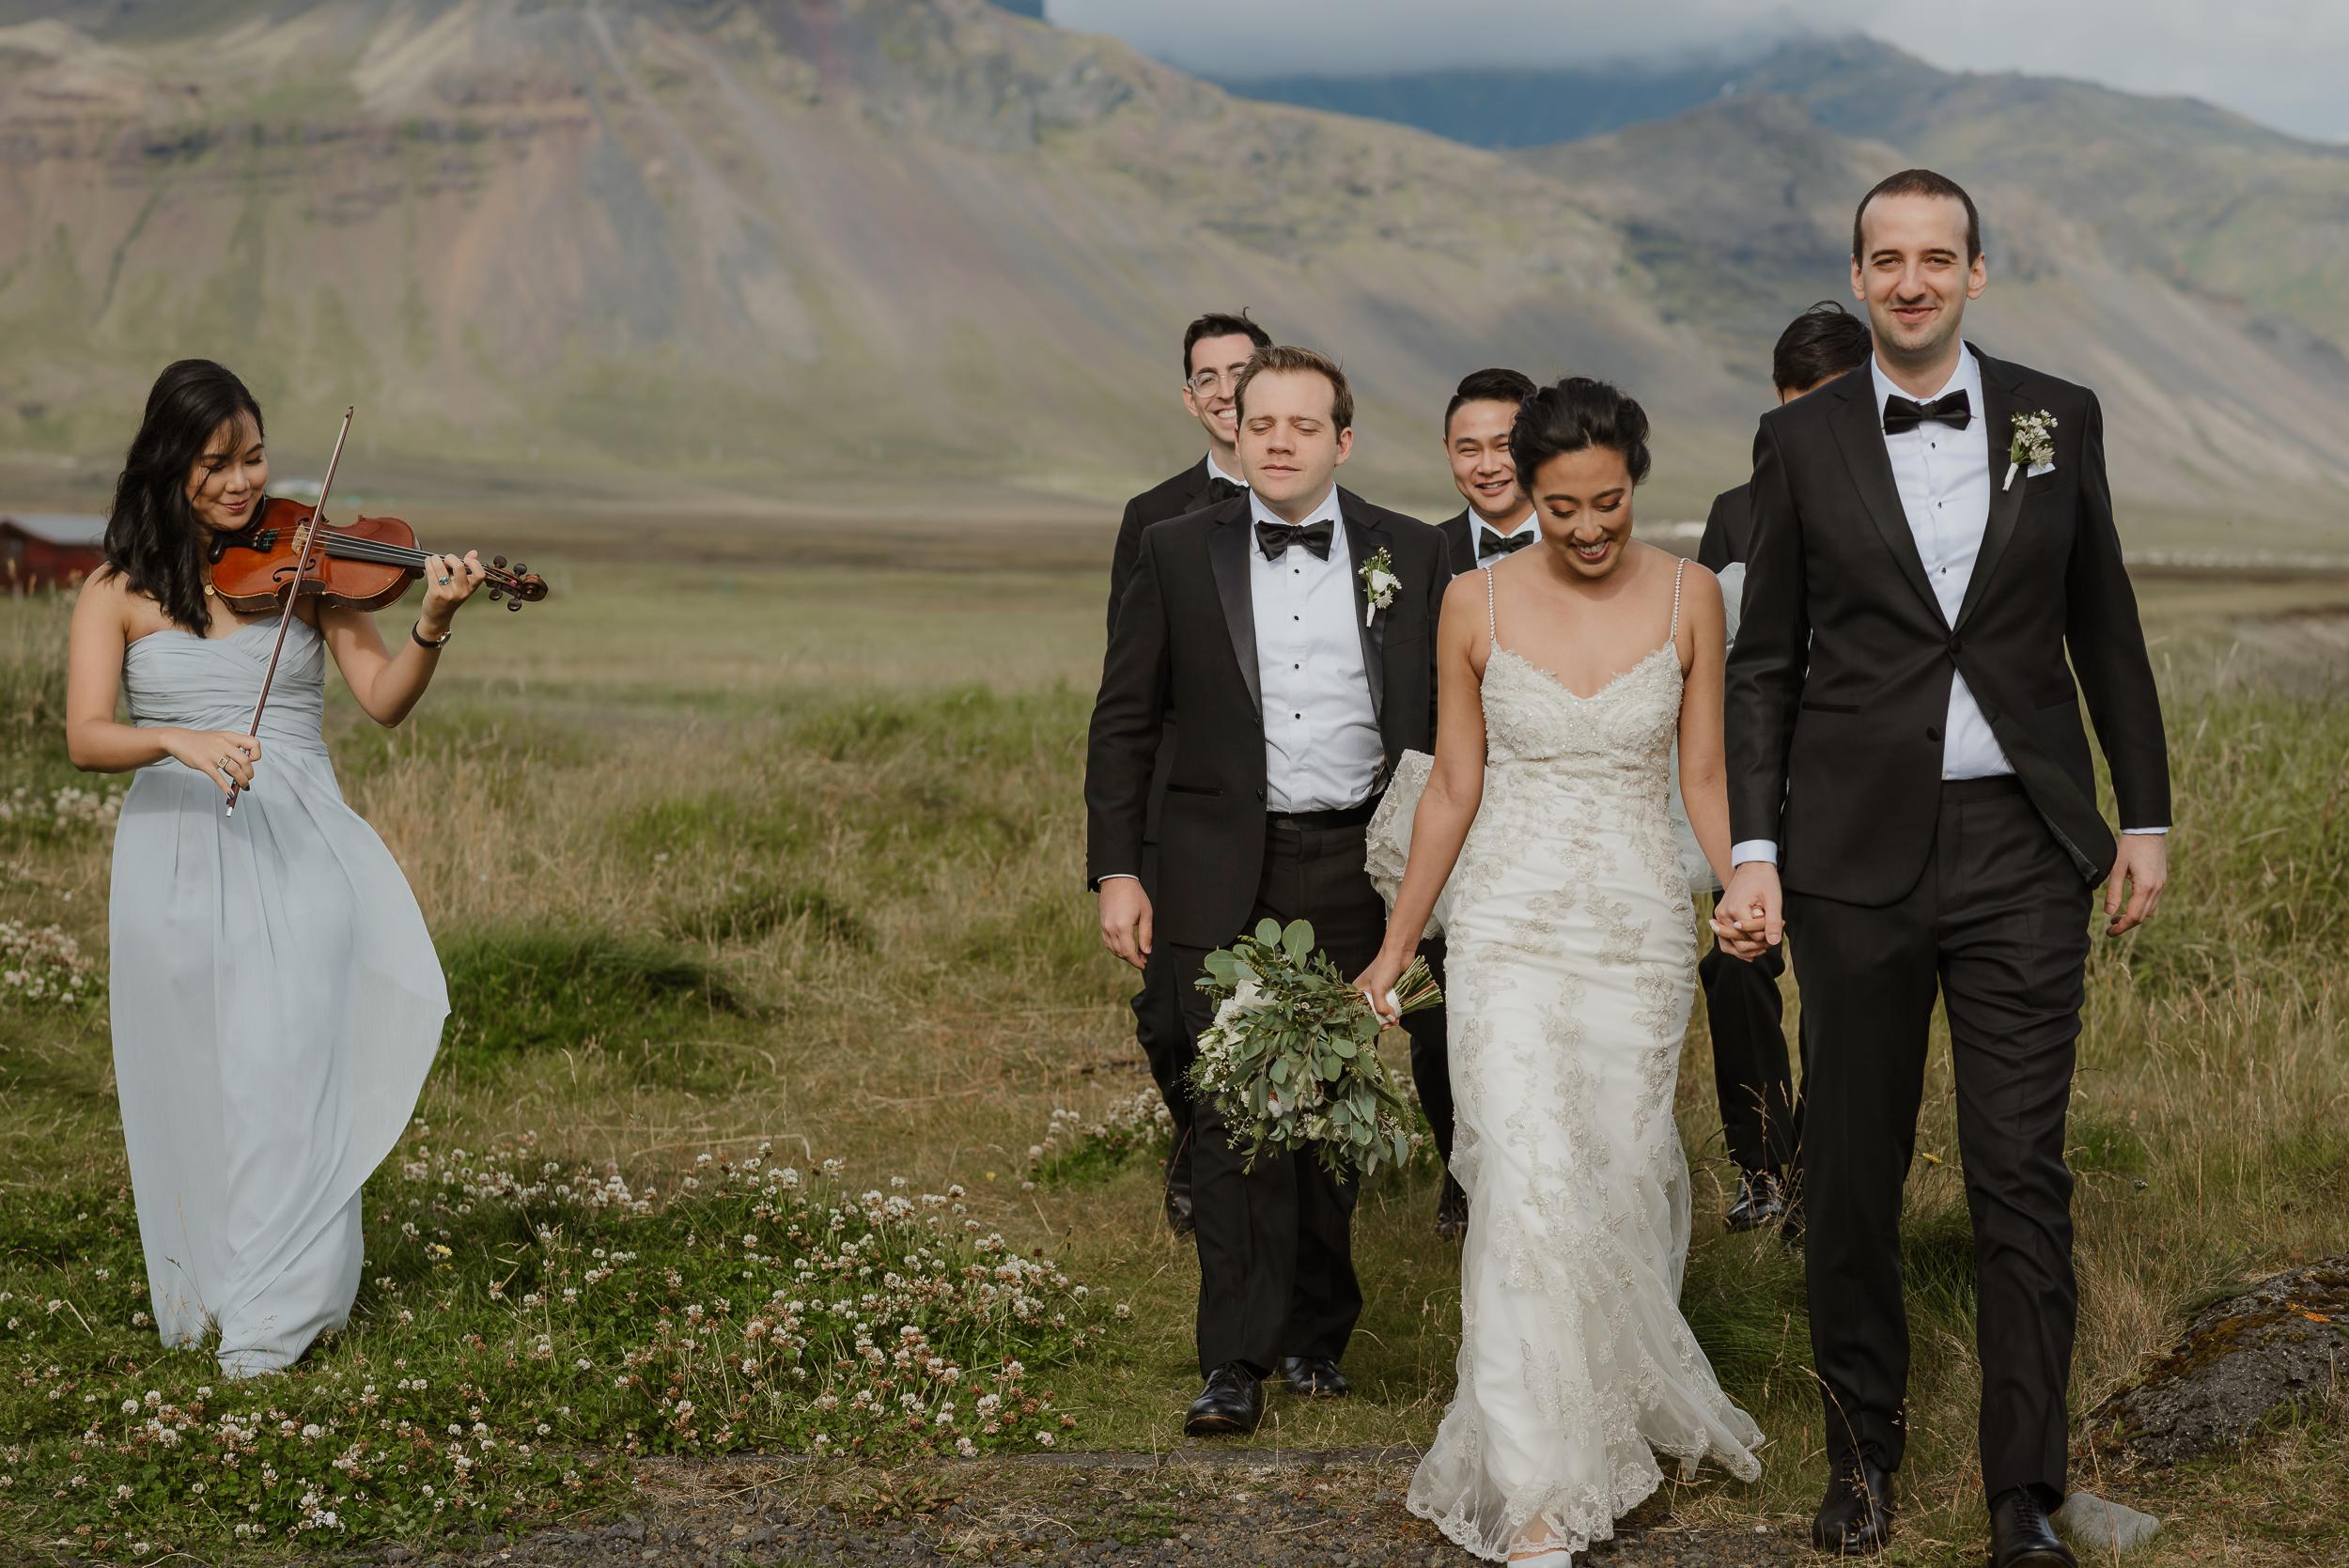 054-hotel-budir-iceland-destination-wedding-vivianchen-470.jpg